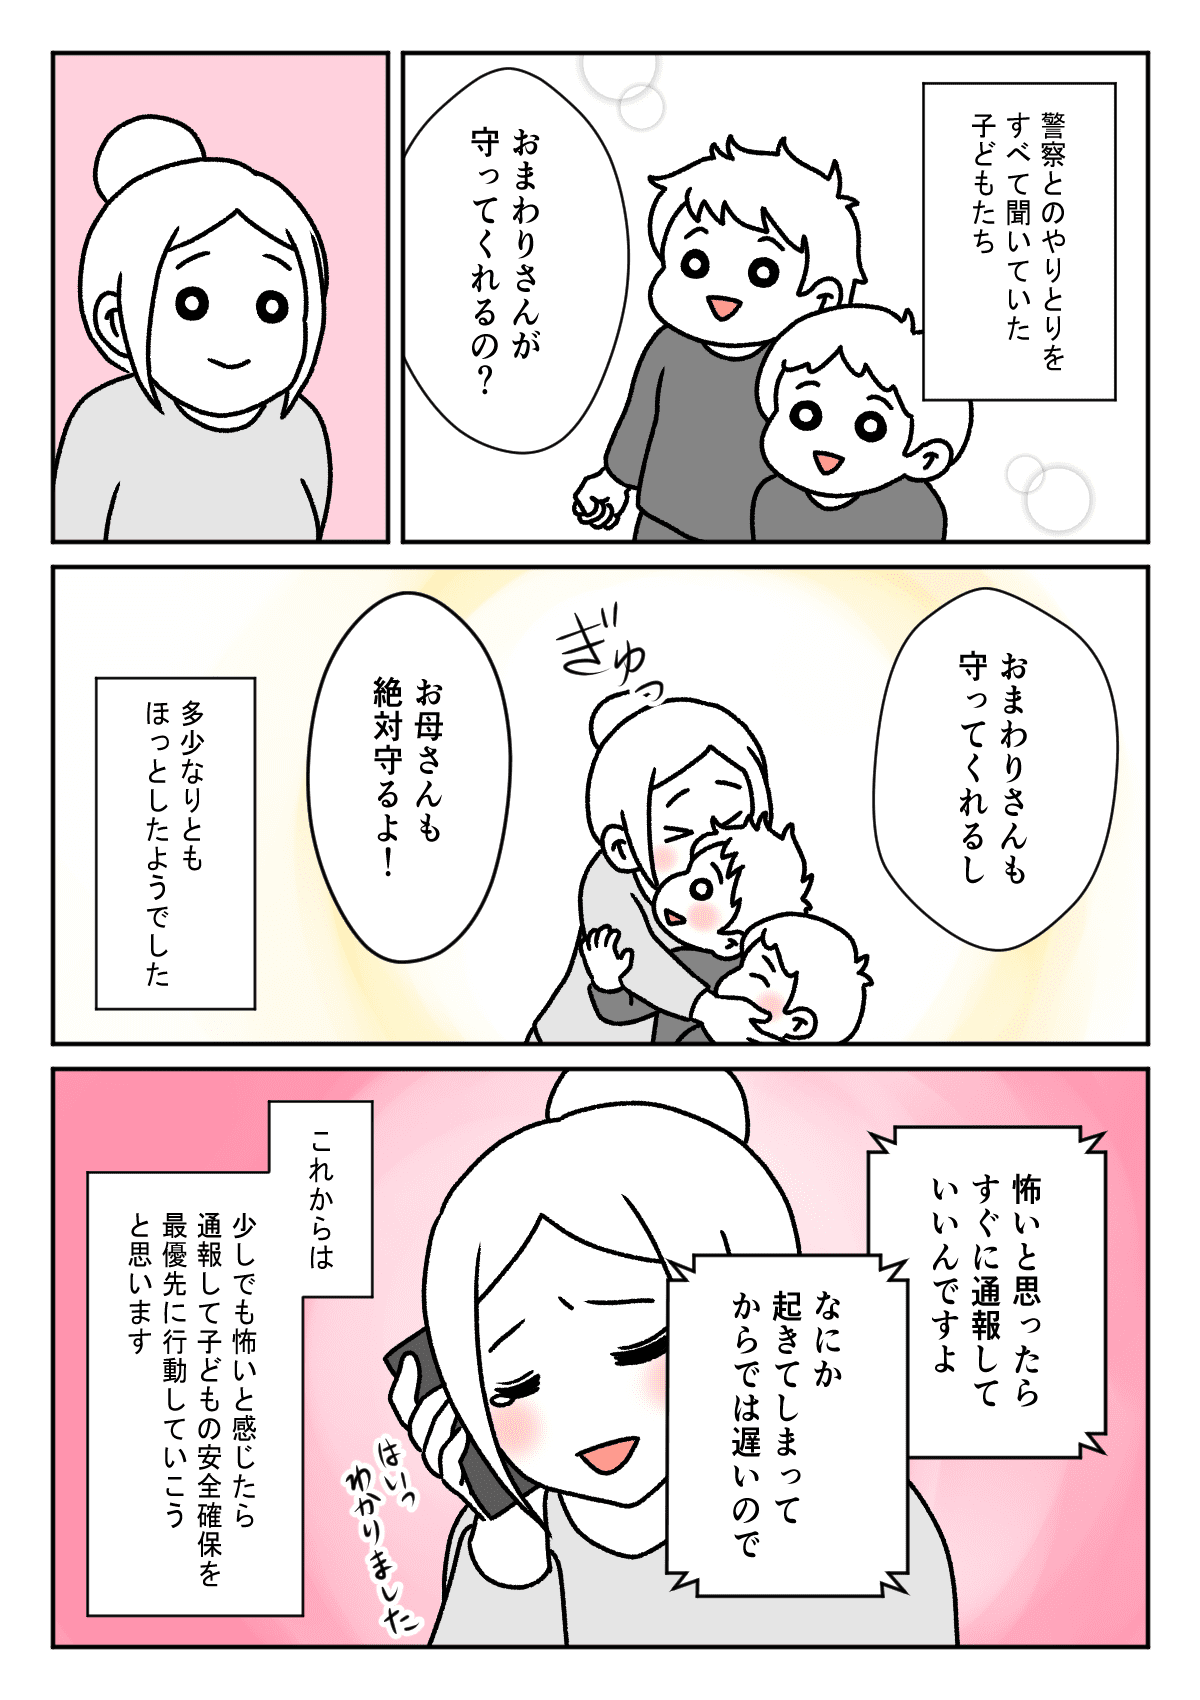 【後編】不審者と遭遇!6